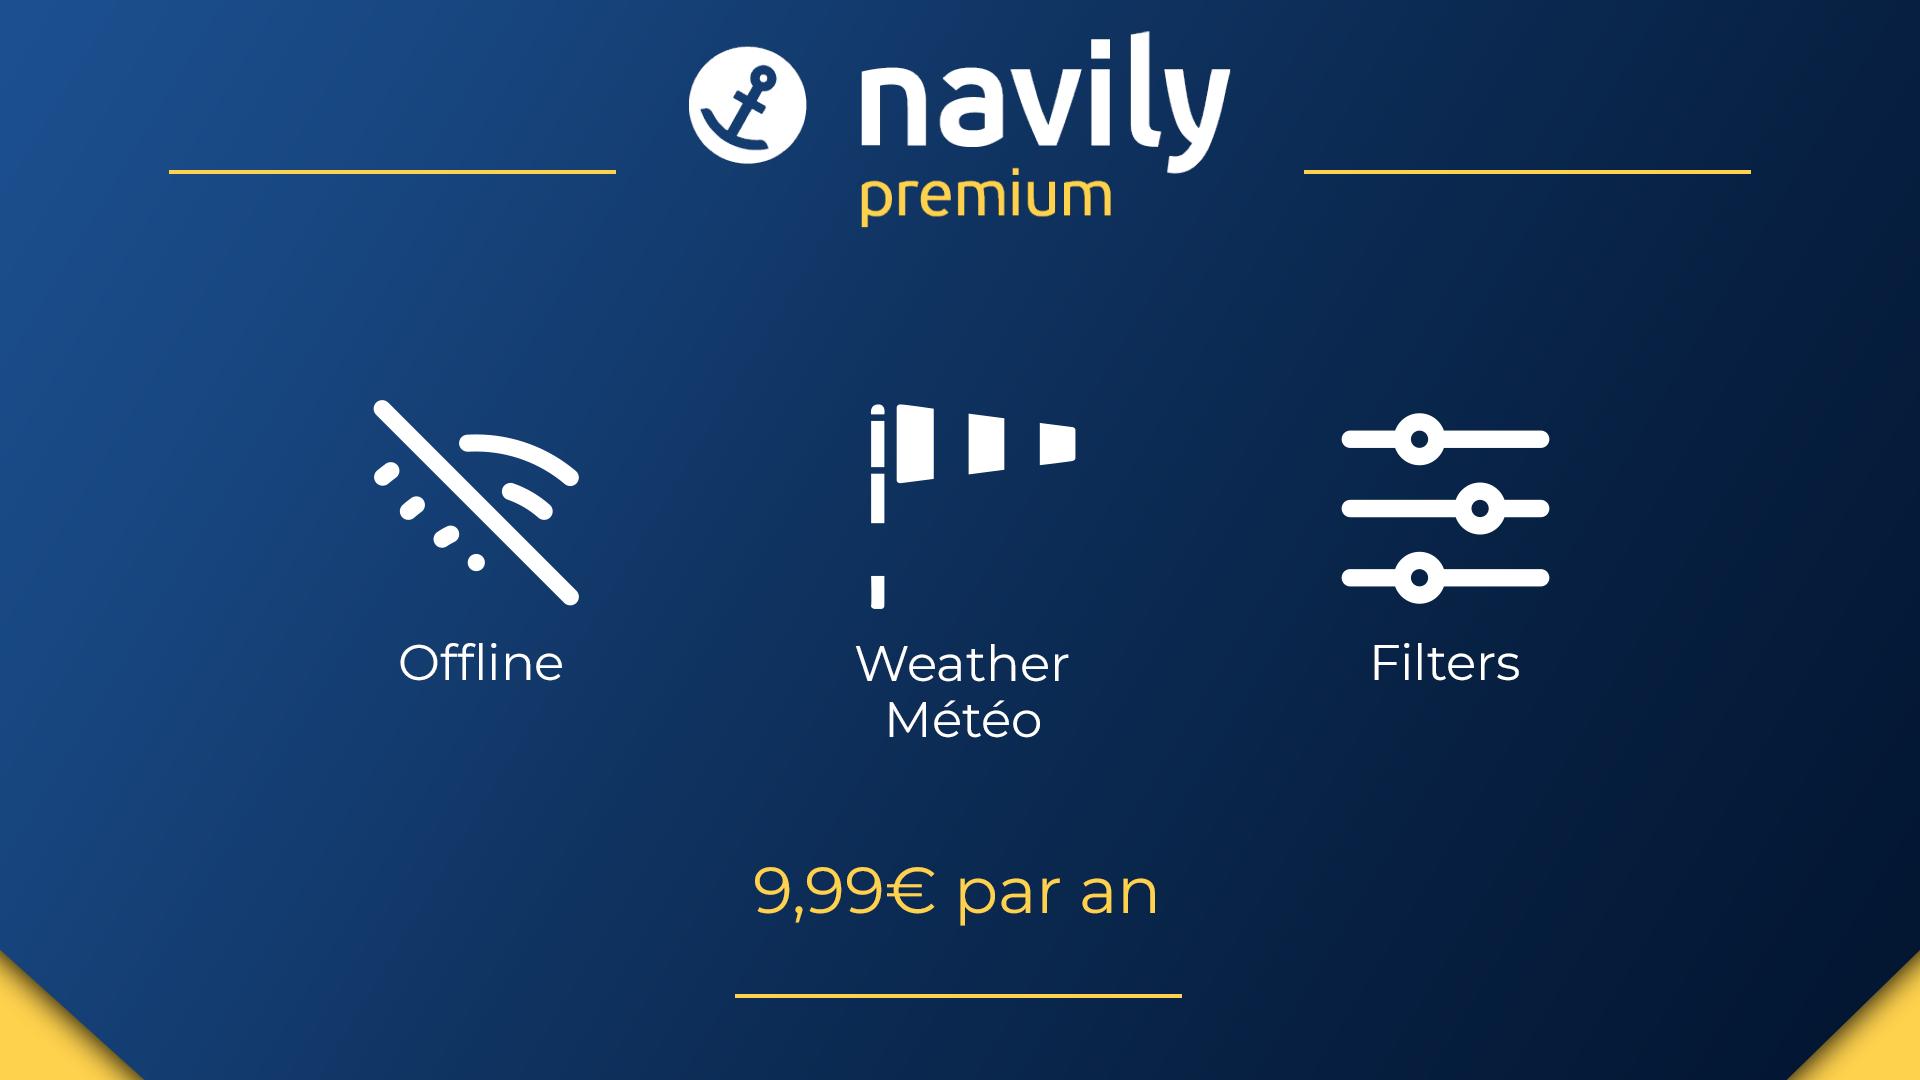 Navily premium